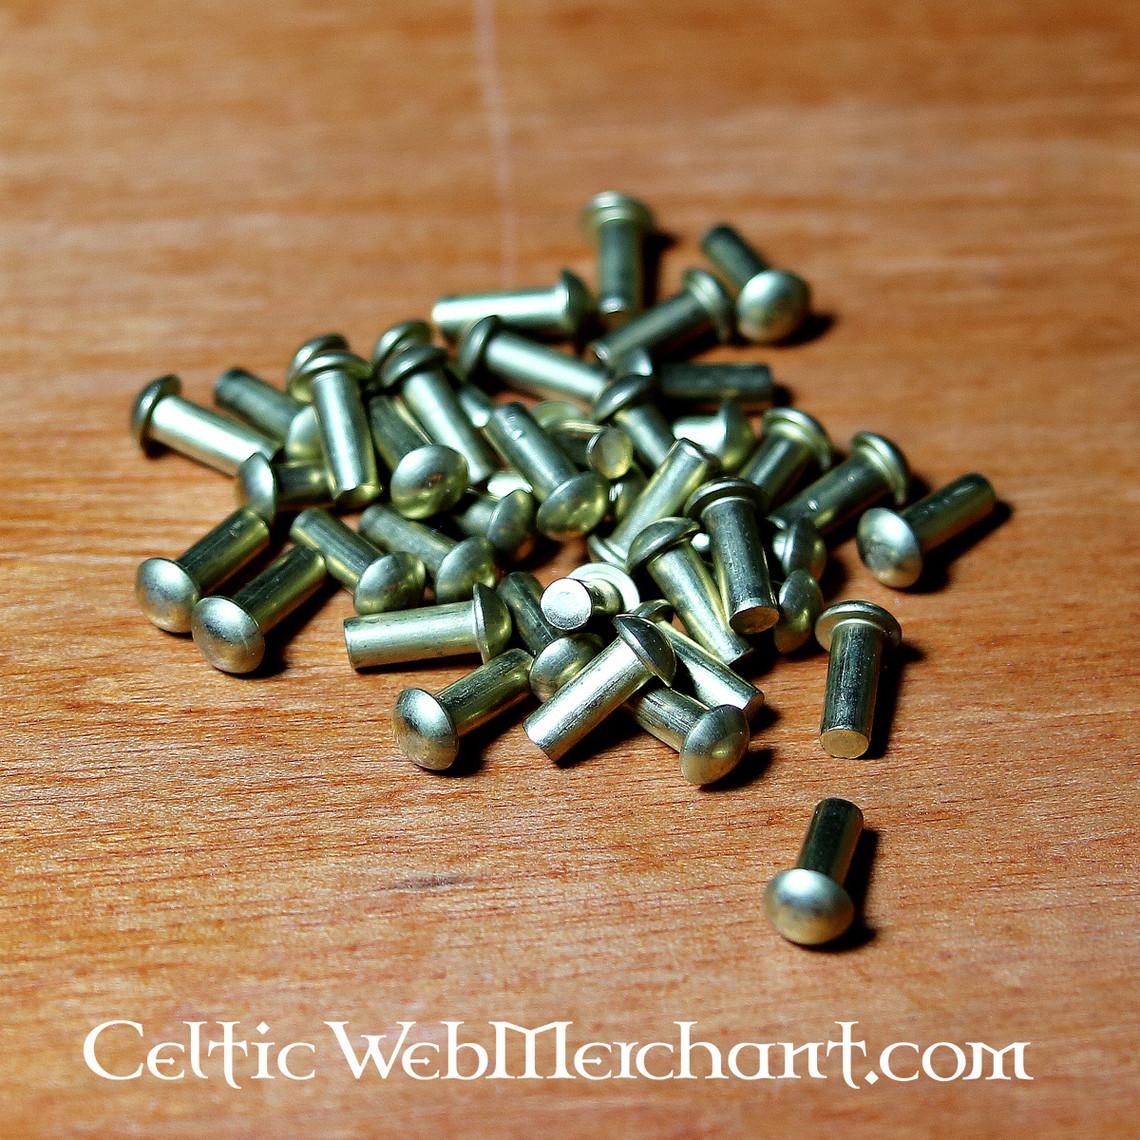 Messingen klinknagels 4 mm, 12 mm lang, set van 50